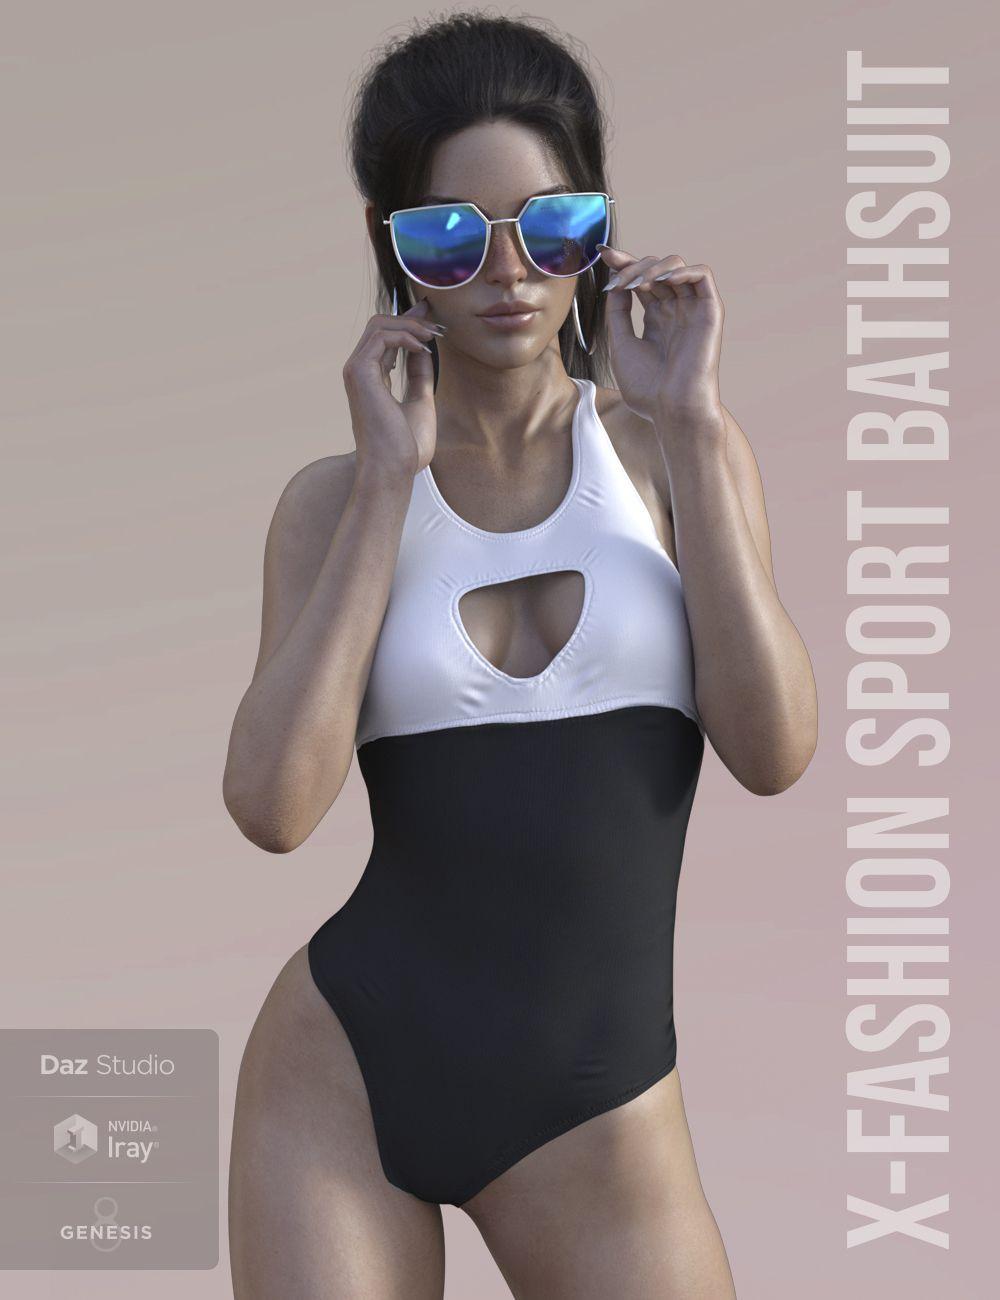 X-Fashion Sport Bathsuit for Genesis 8 Female(s)_DAZ3D下载站